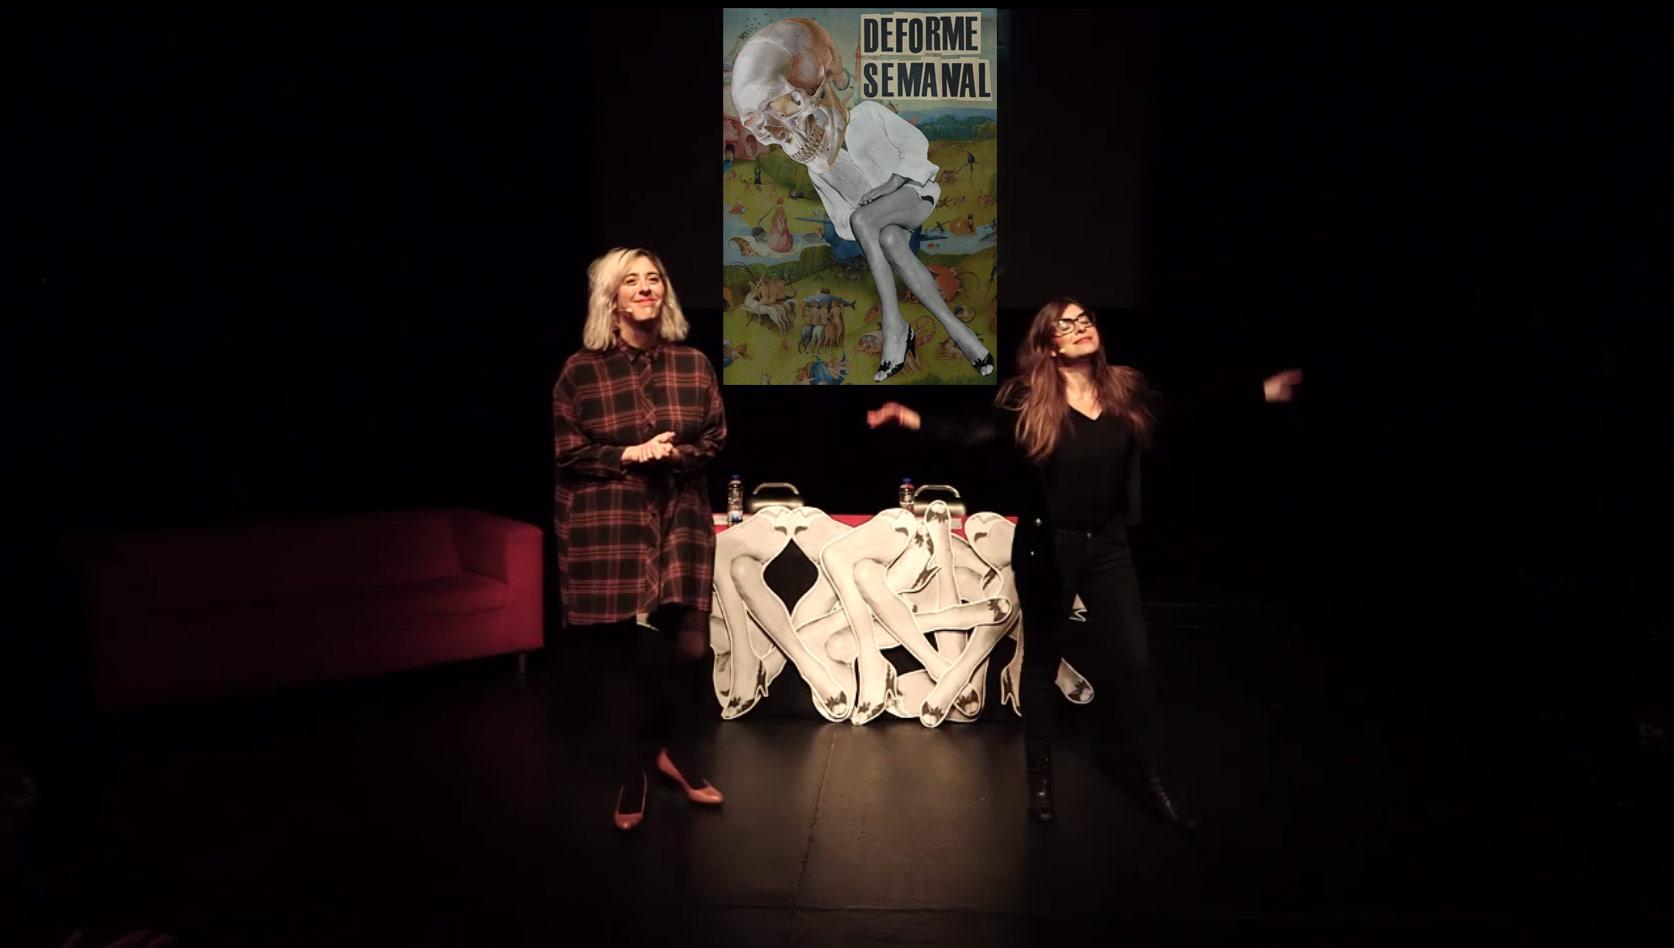 Lucía Lijtmaer e Isa Calderón dirigen y presentan 'Deforme semanal'